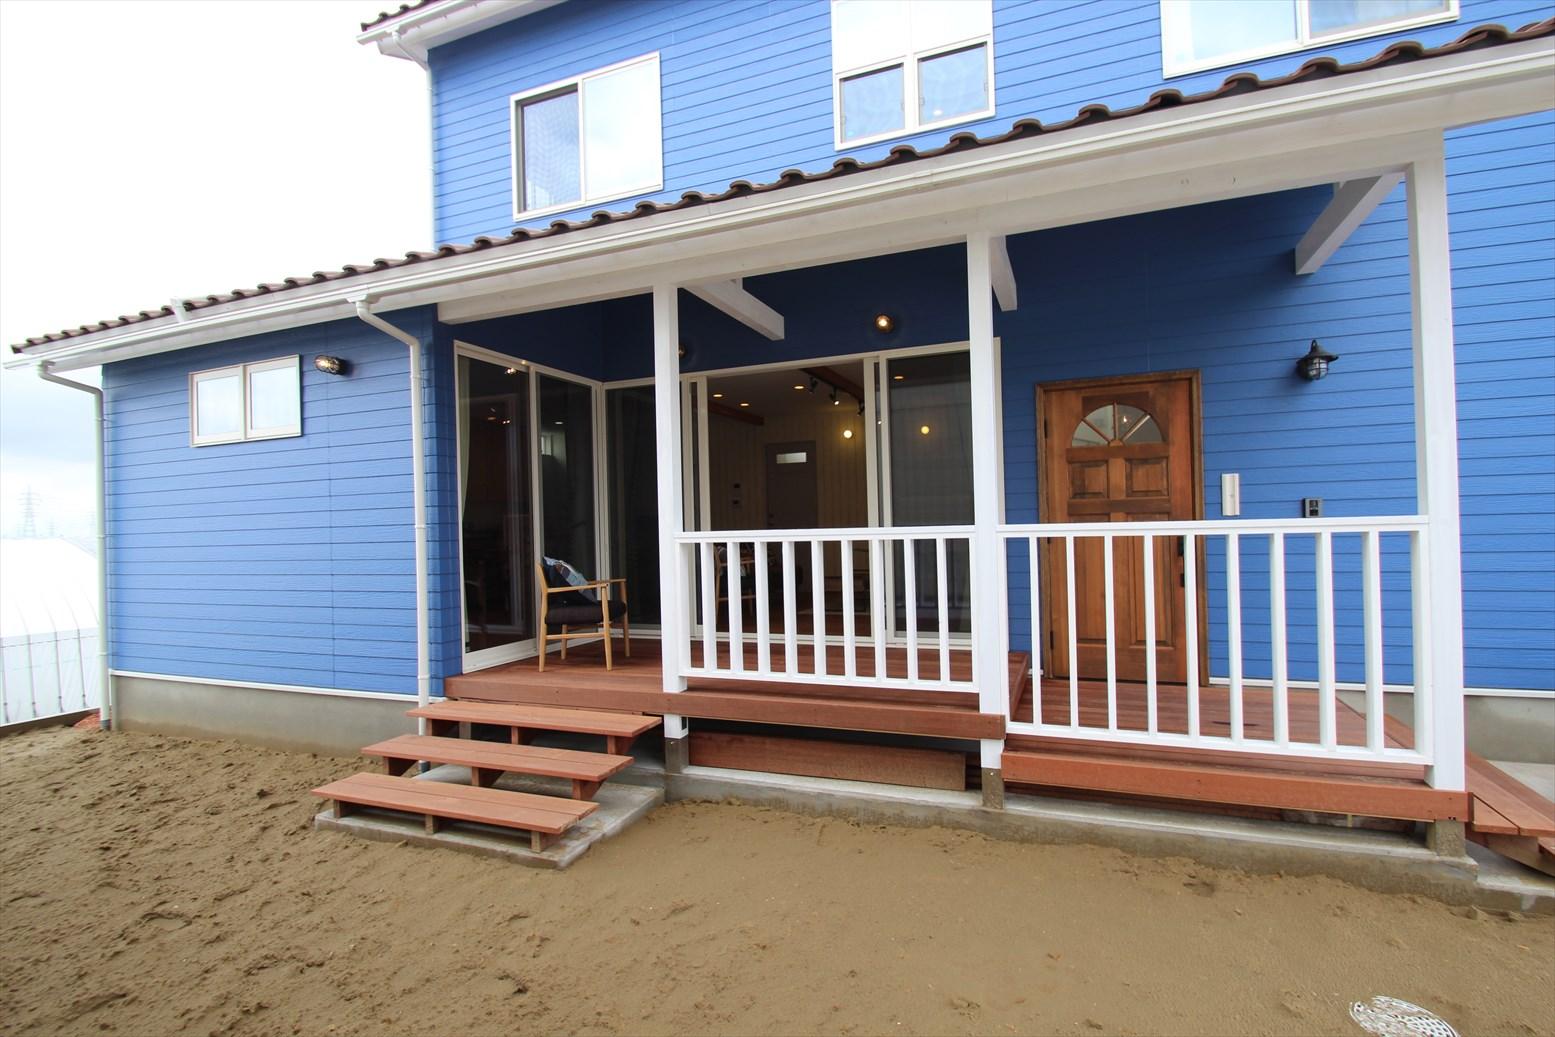 カリフォルニアスタイル1|石川県金沢市の注文住宅・デザイン性・新築の家・戸建て|E-HOUSE